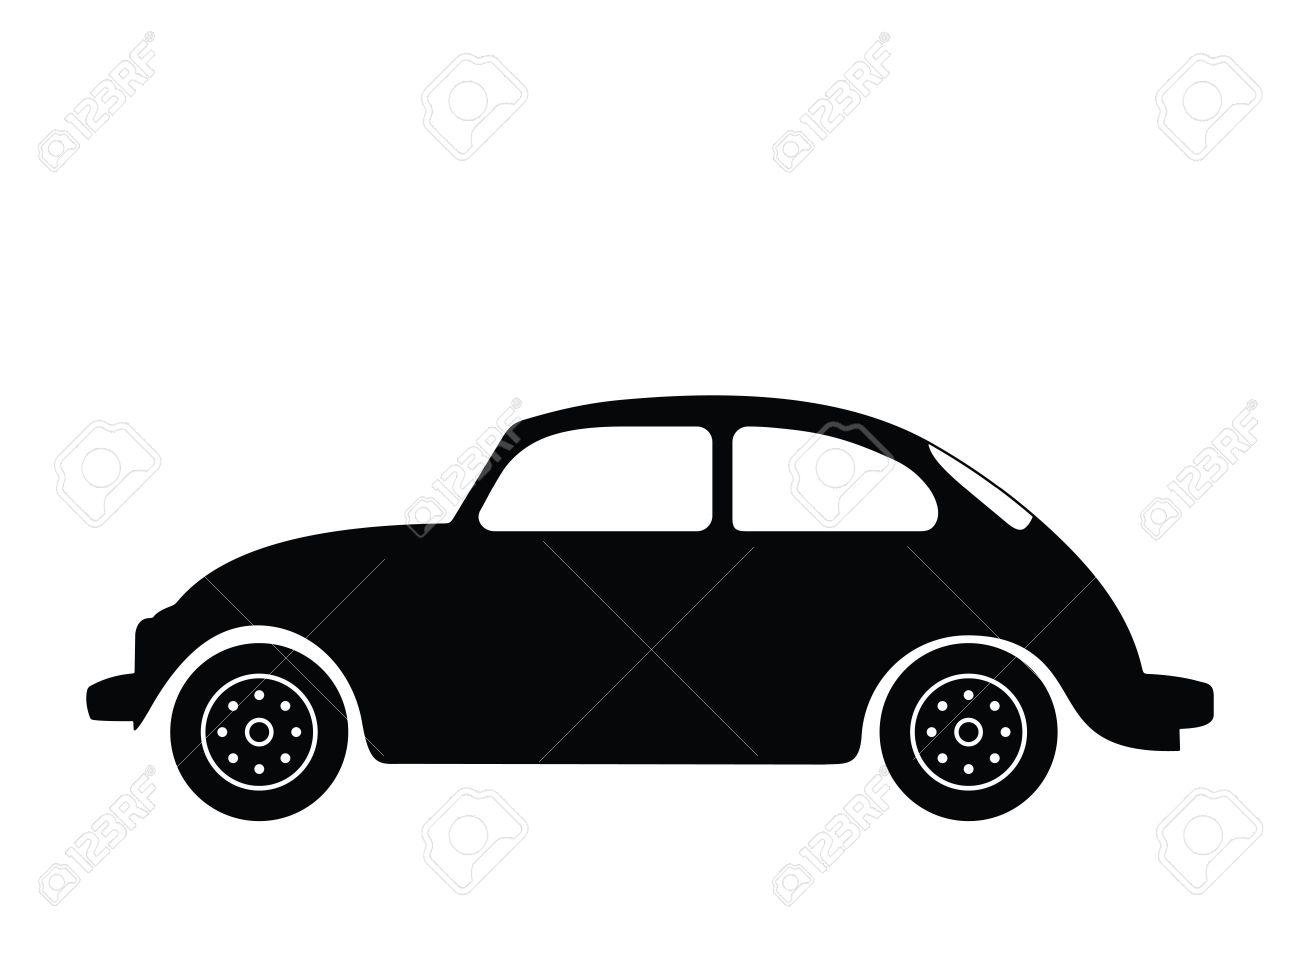 古い車はシルエットイラスト の写真素材画像素材 Image 2516586